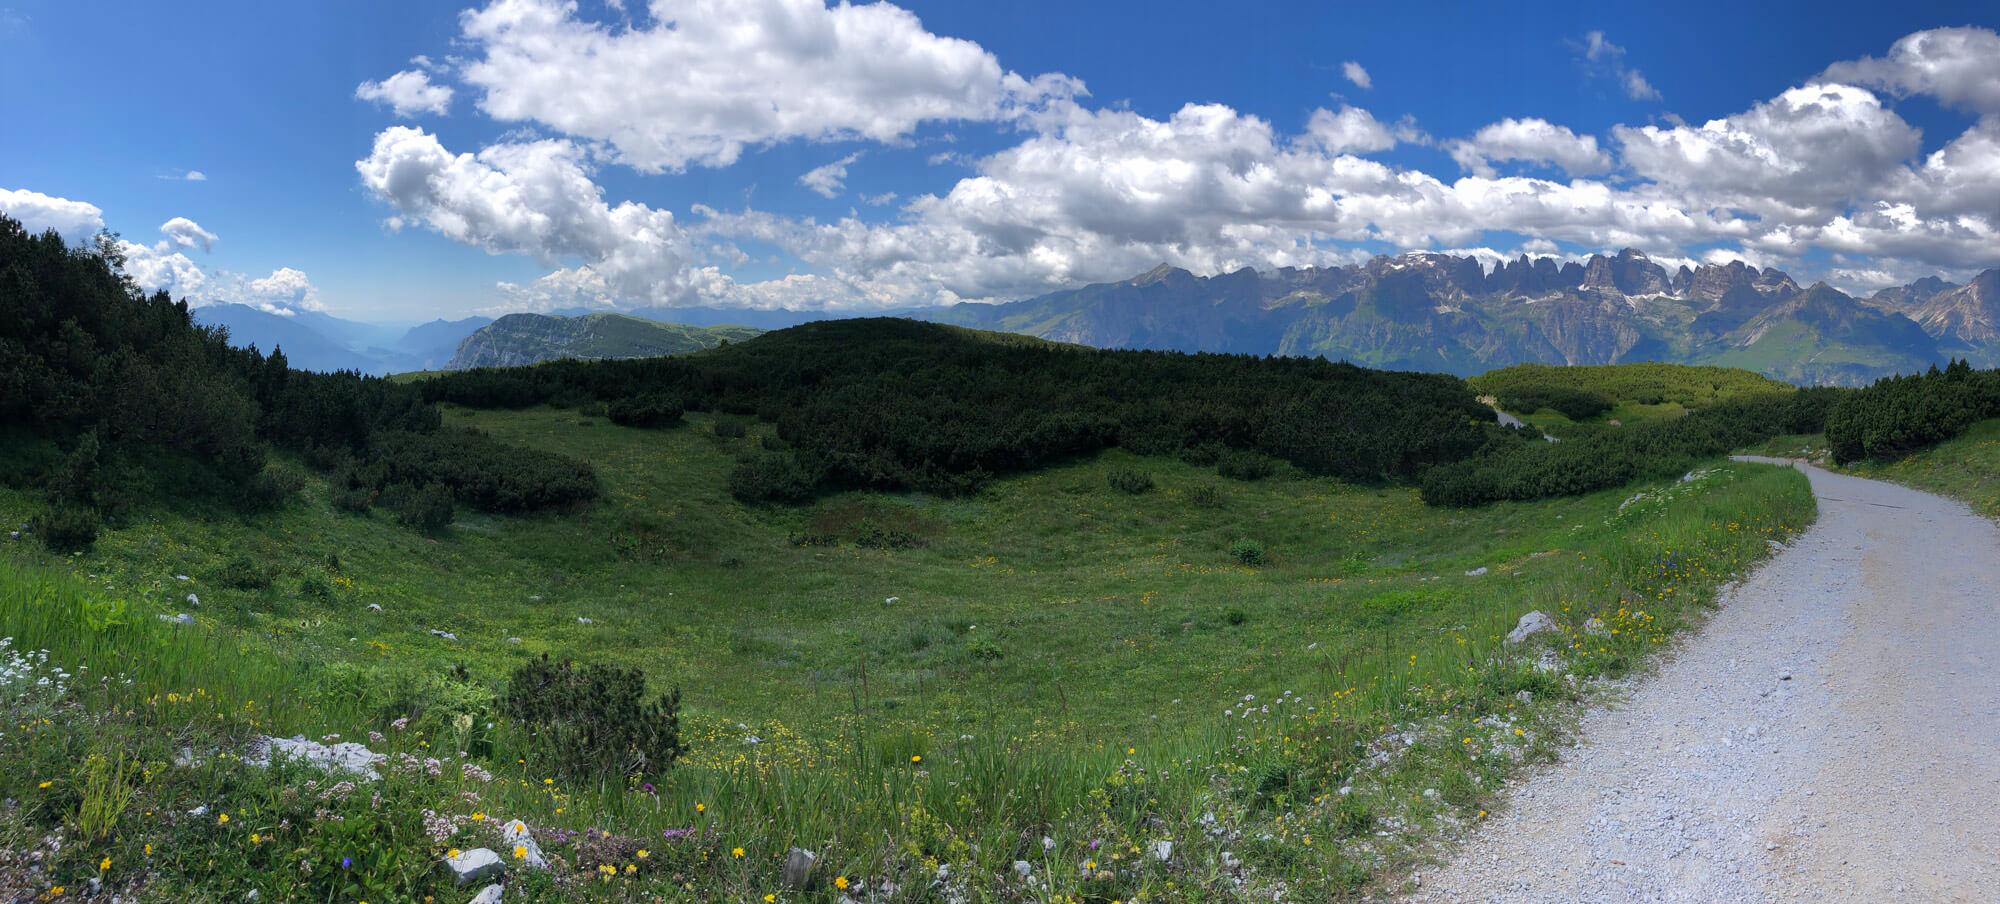 Bear Trail Molvenosee I alpinonline